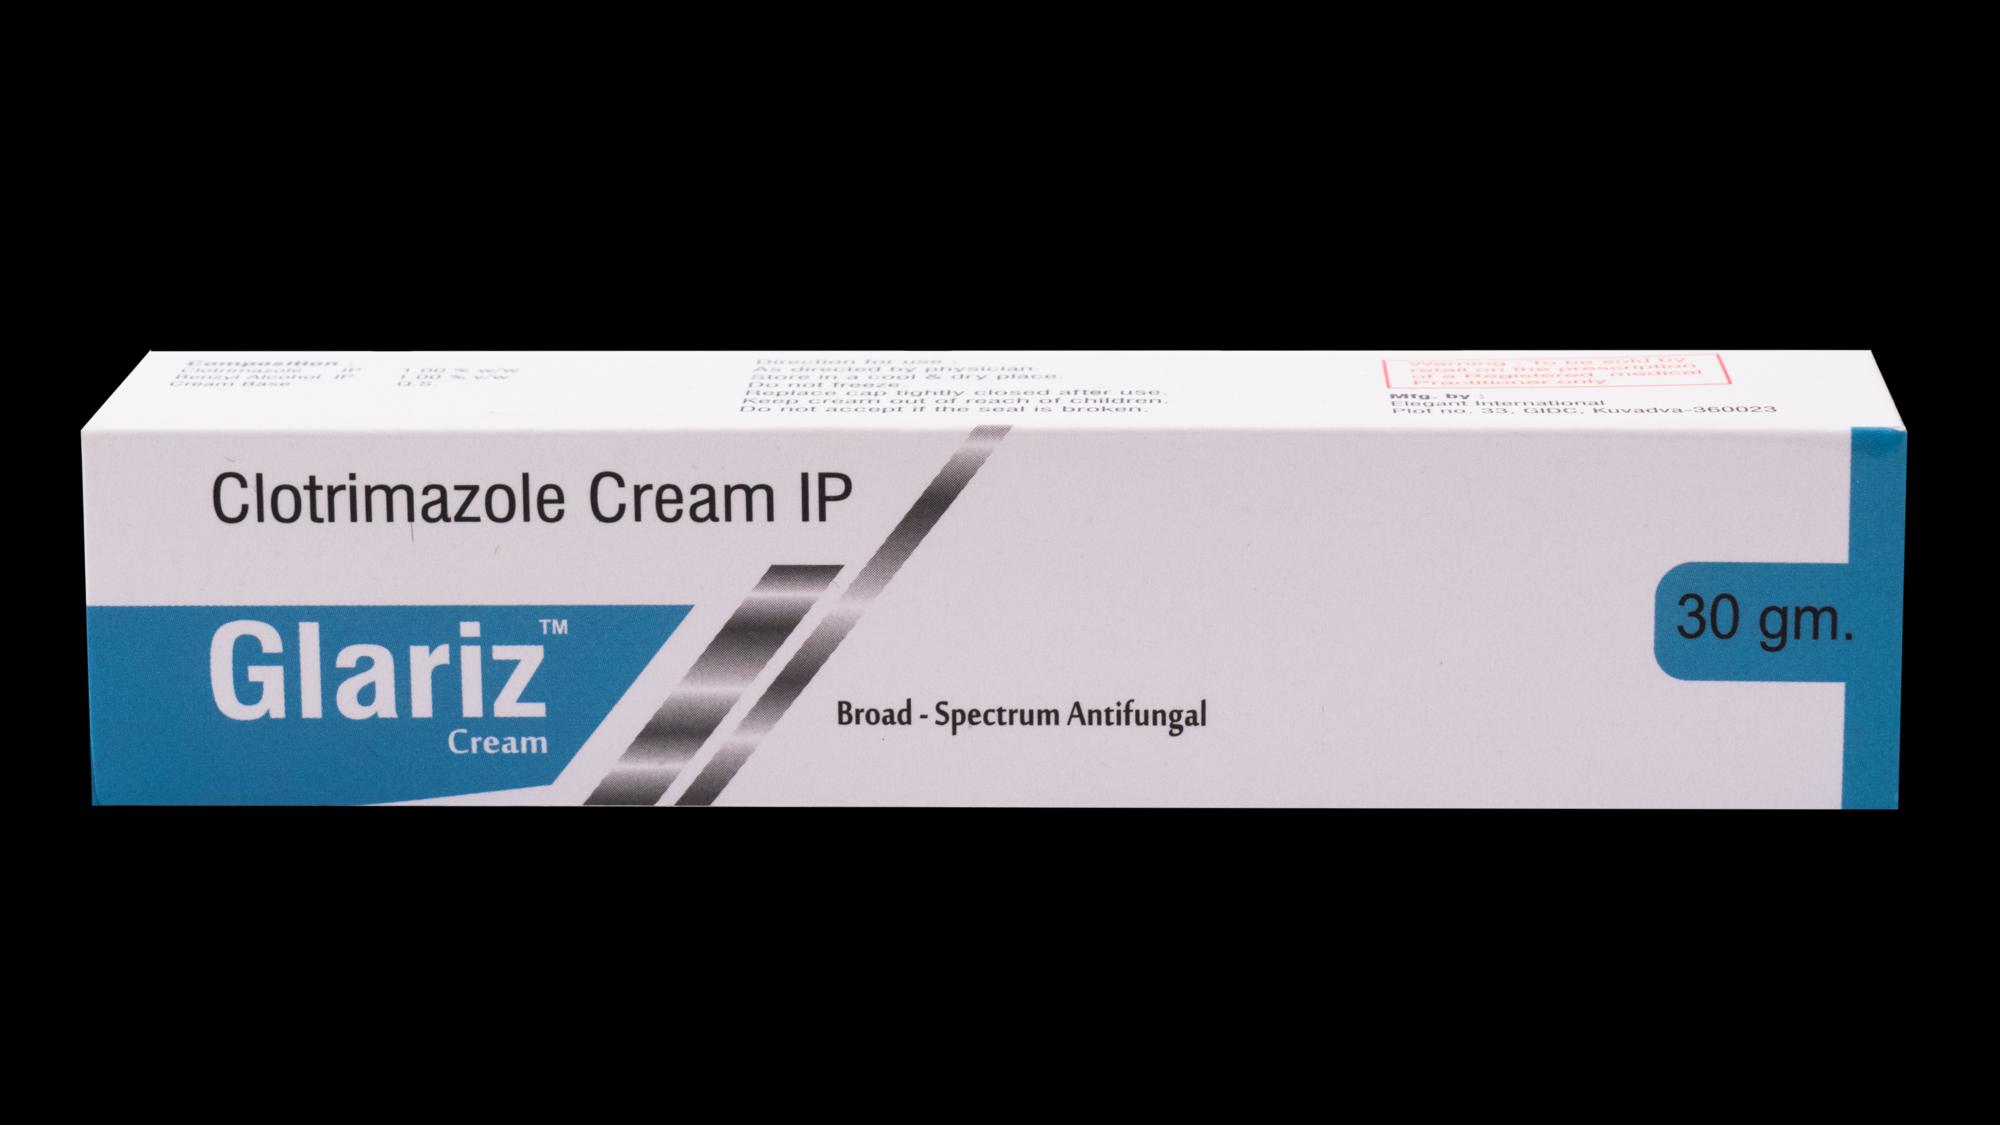 Clotrimazole Cream